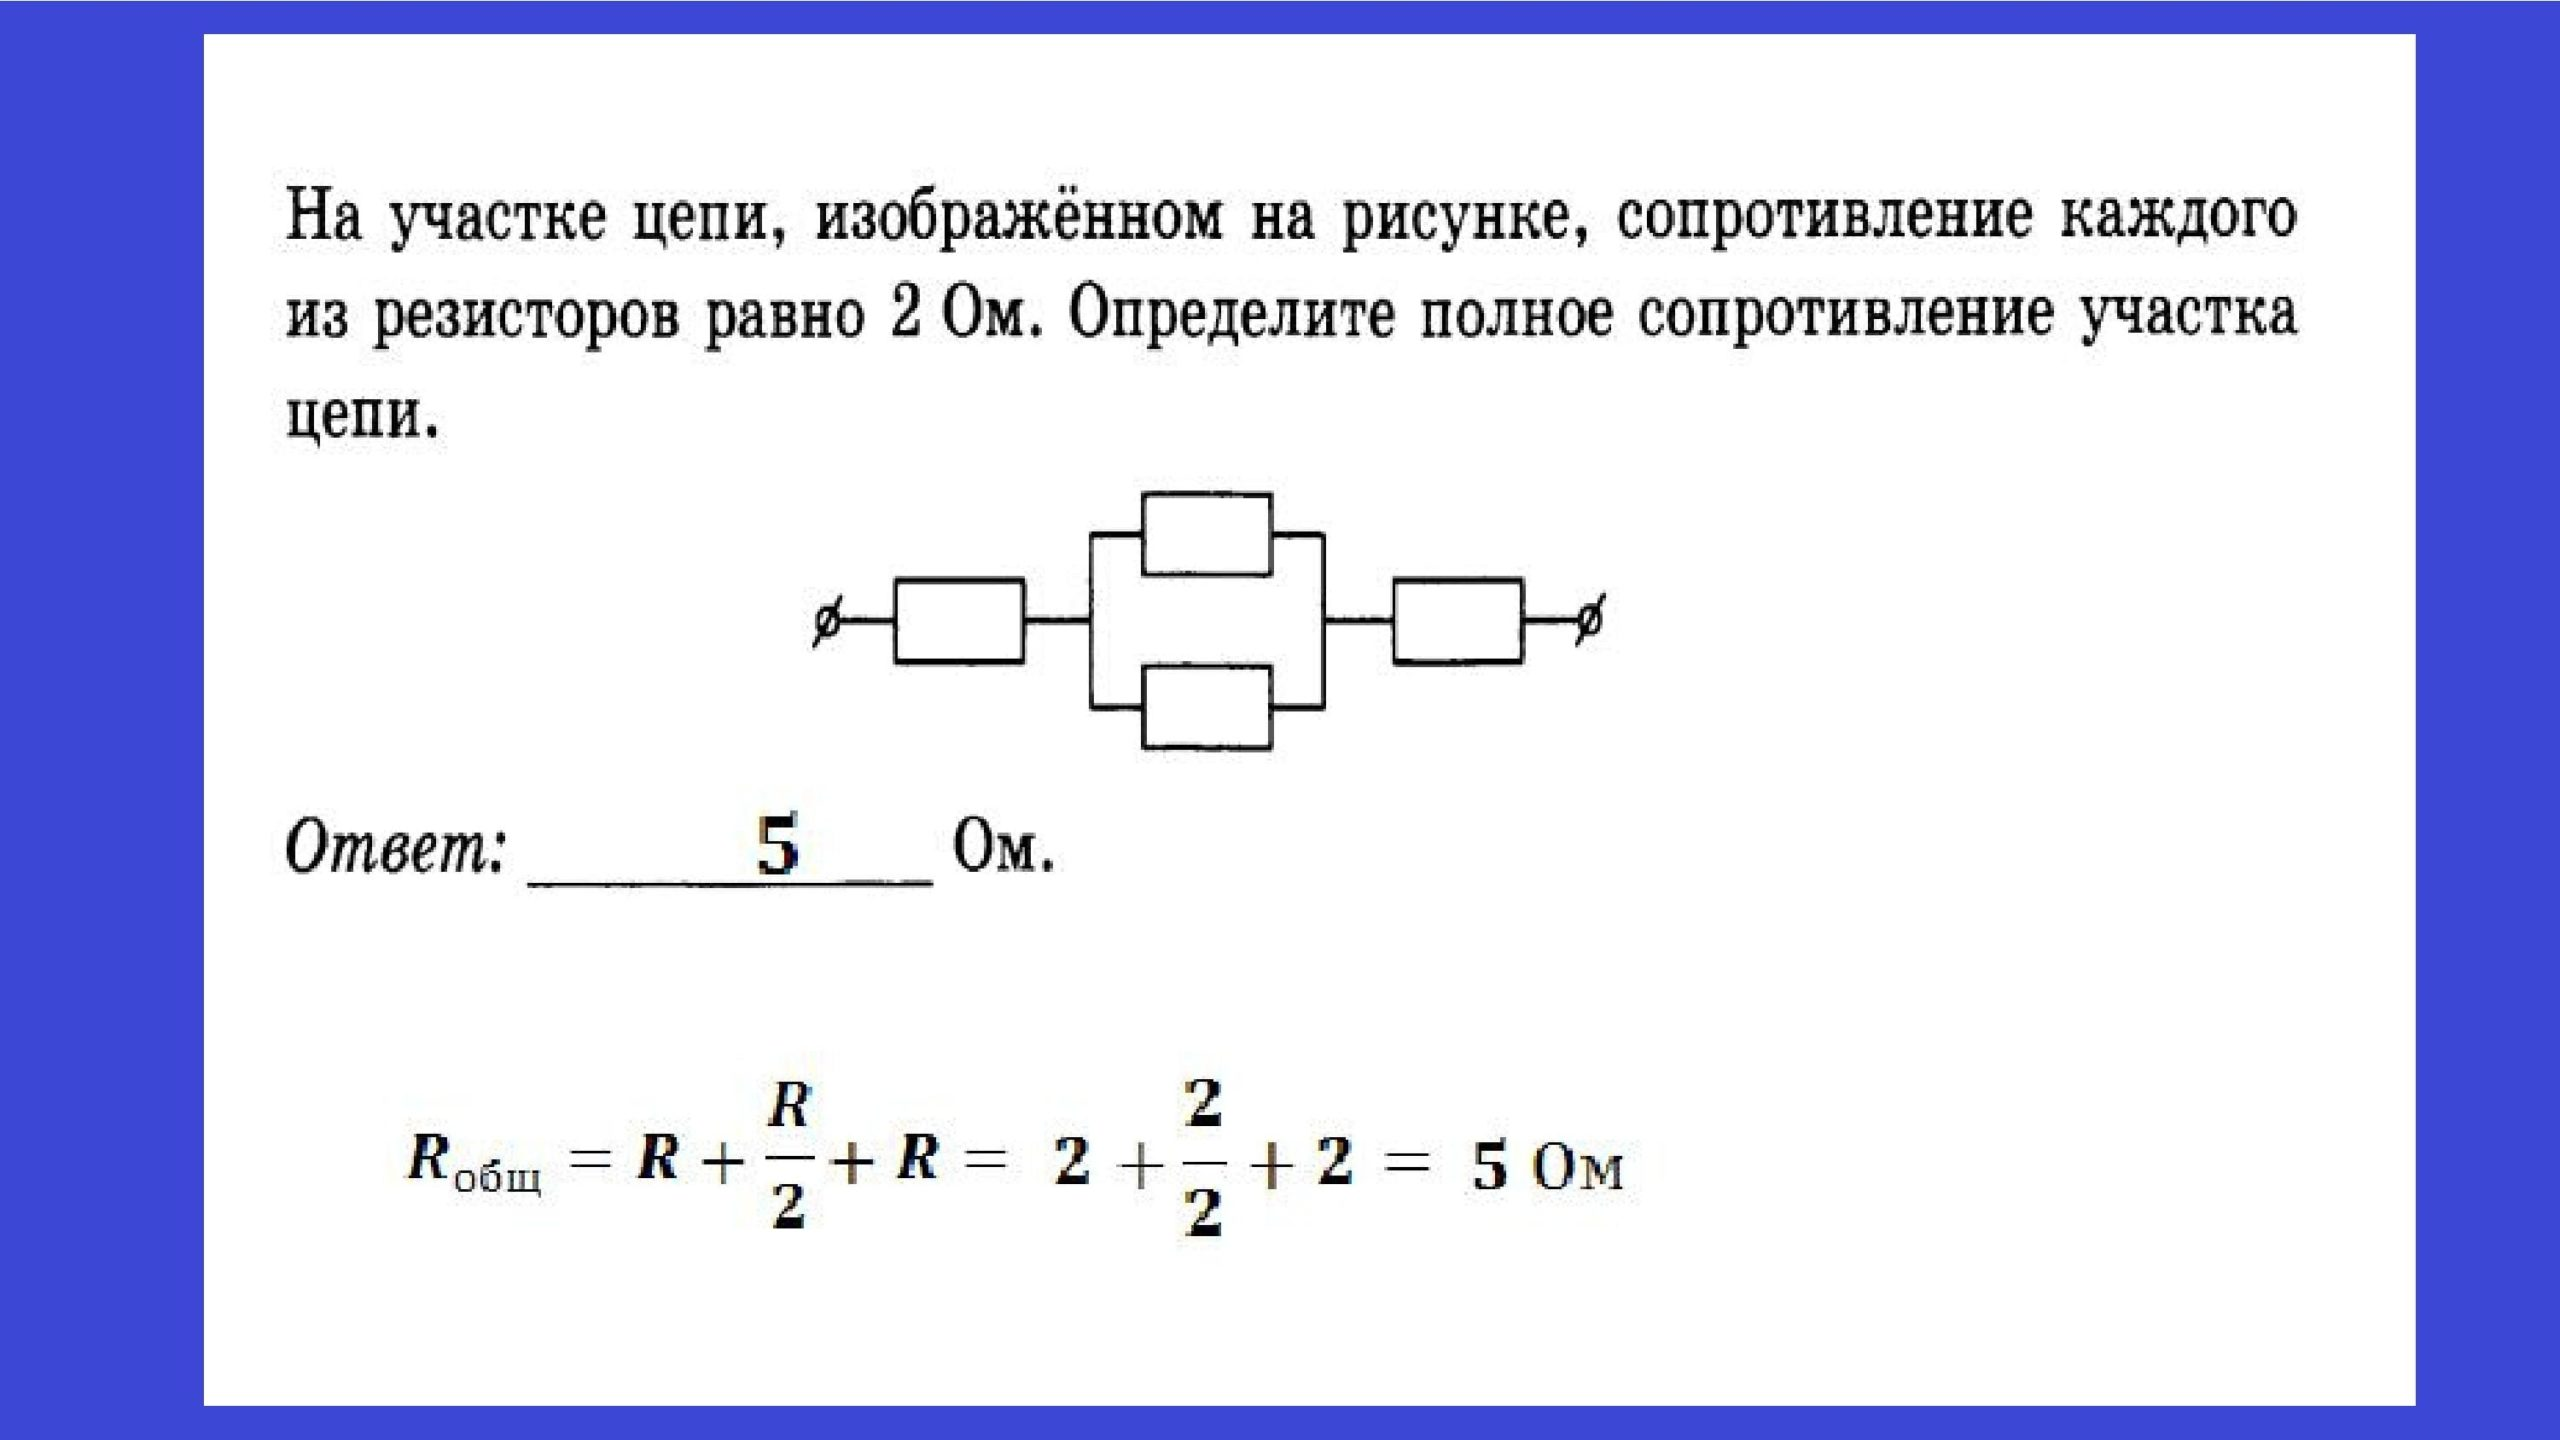 На участке цепи, на рисунке, сопротивление каждого из резисторов равно 2 Ом